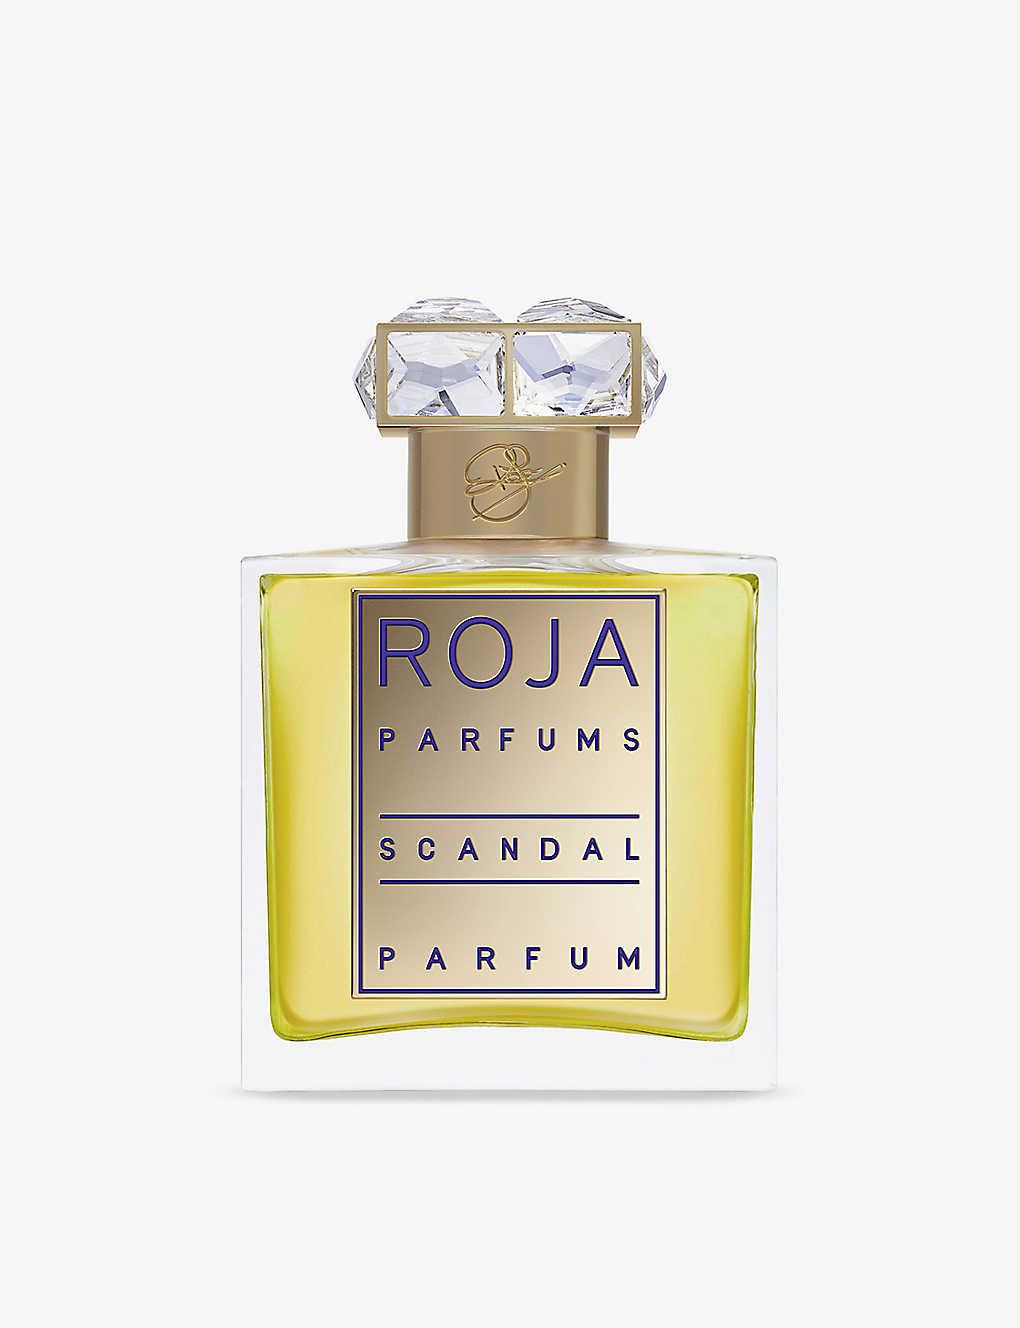 Roja Parfums Scandal Pour Femme Parfum 50ml Selfridgescom